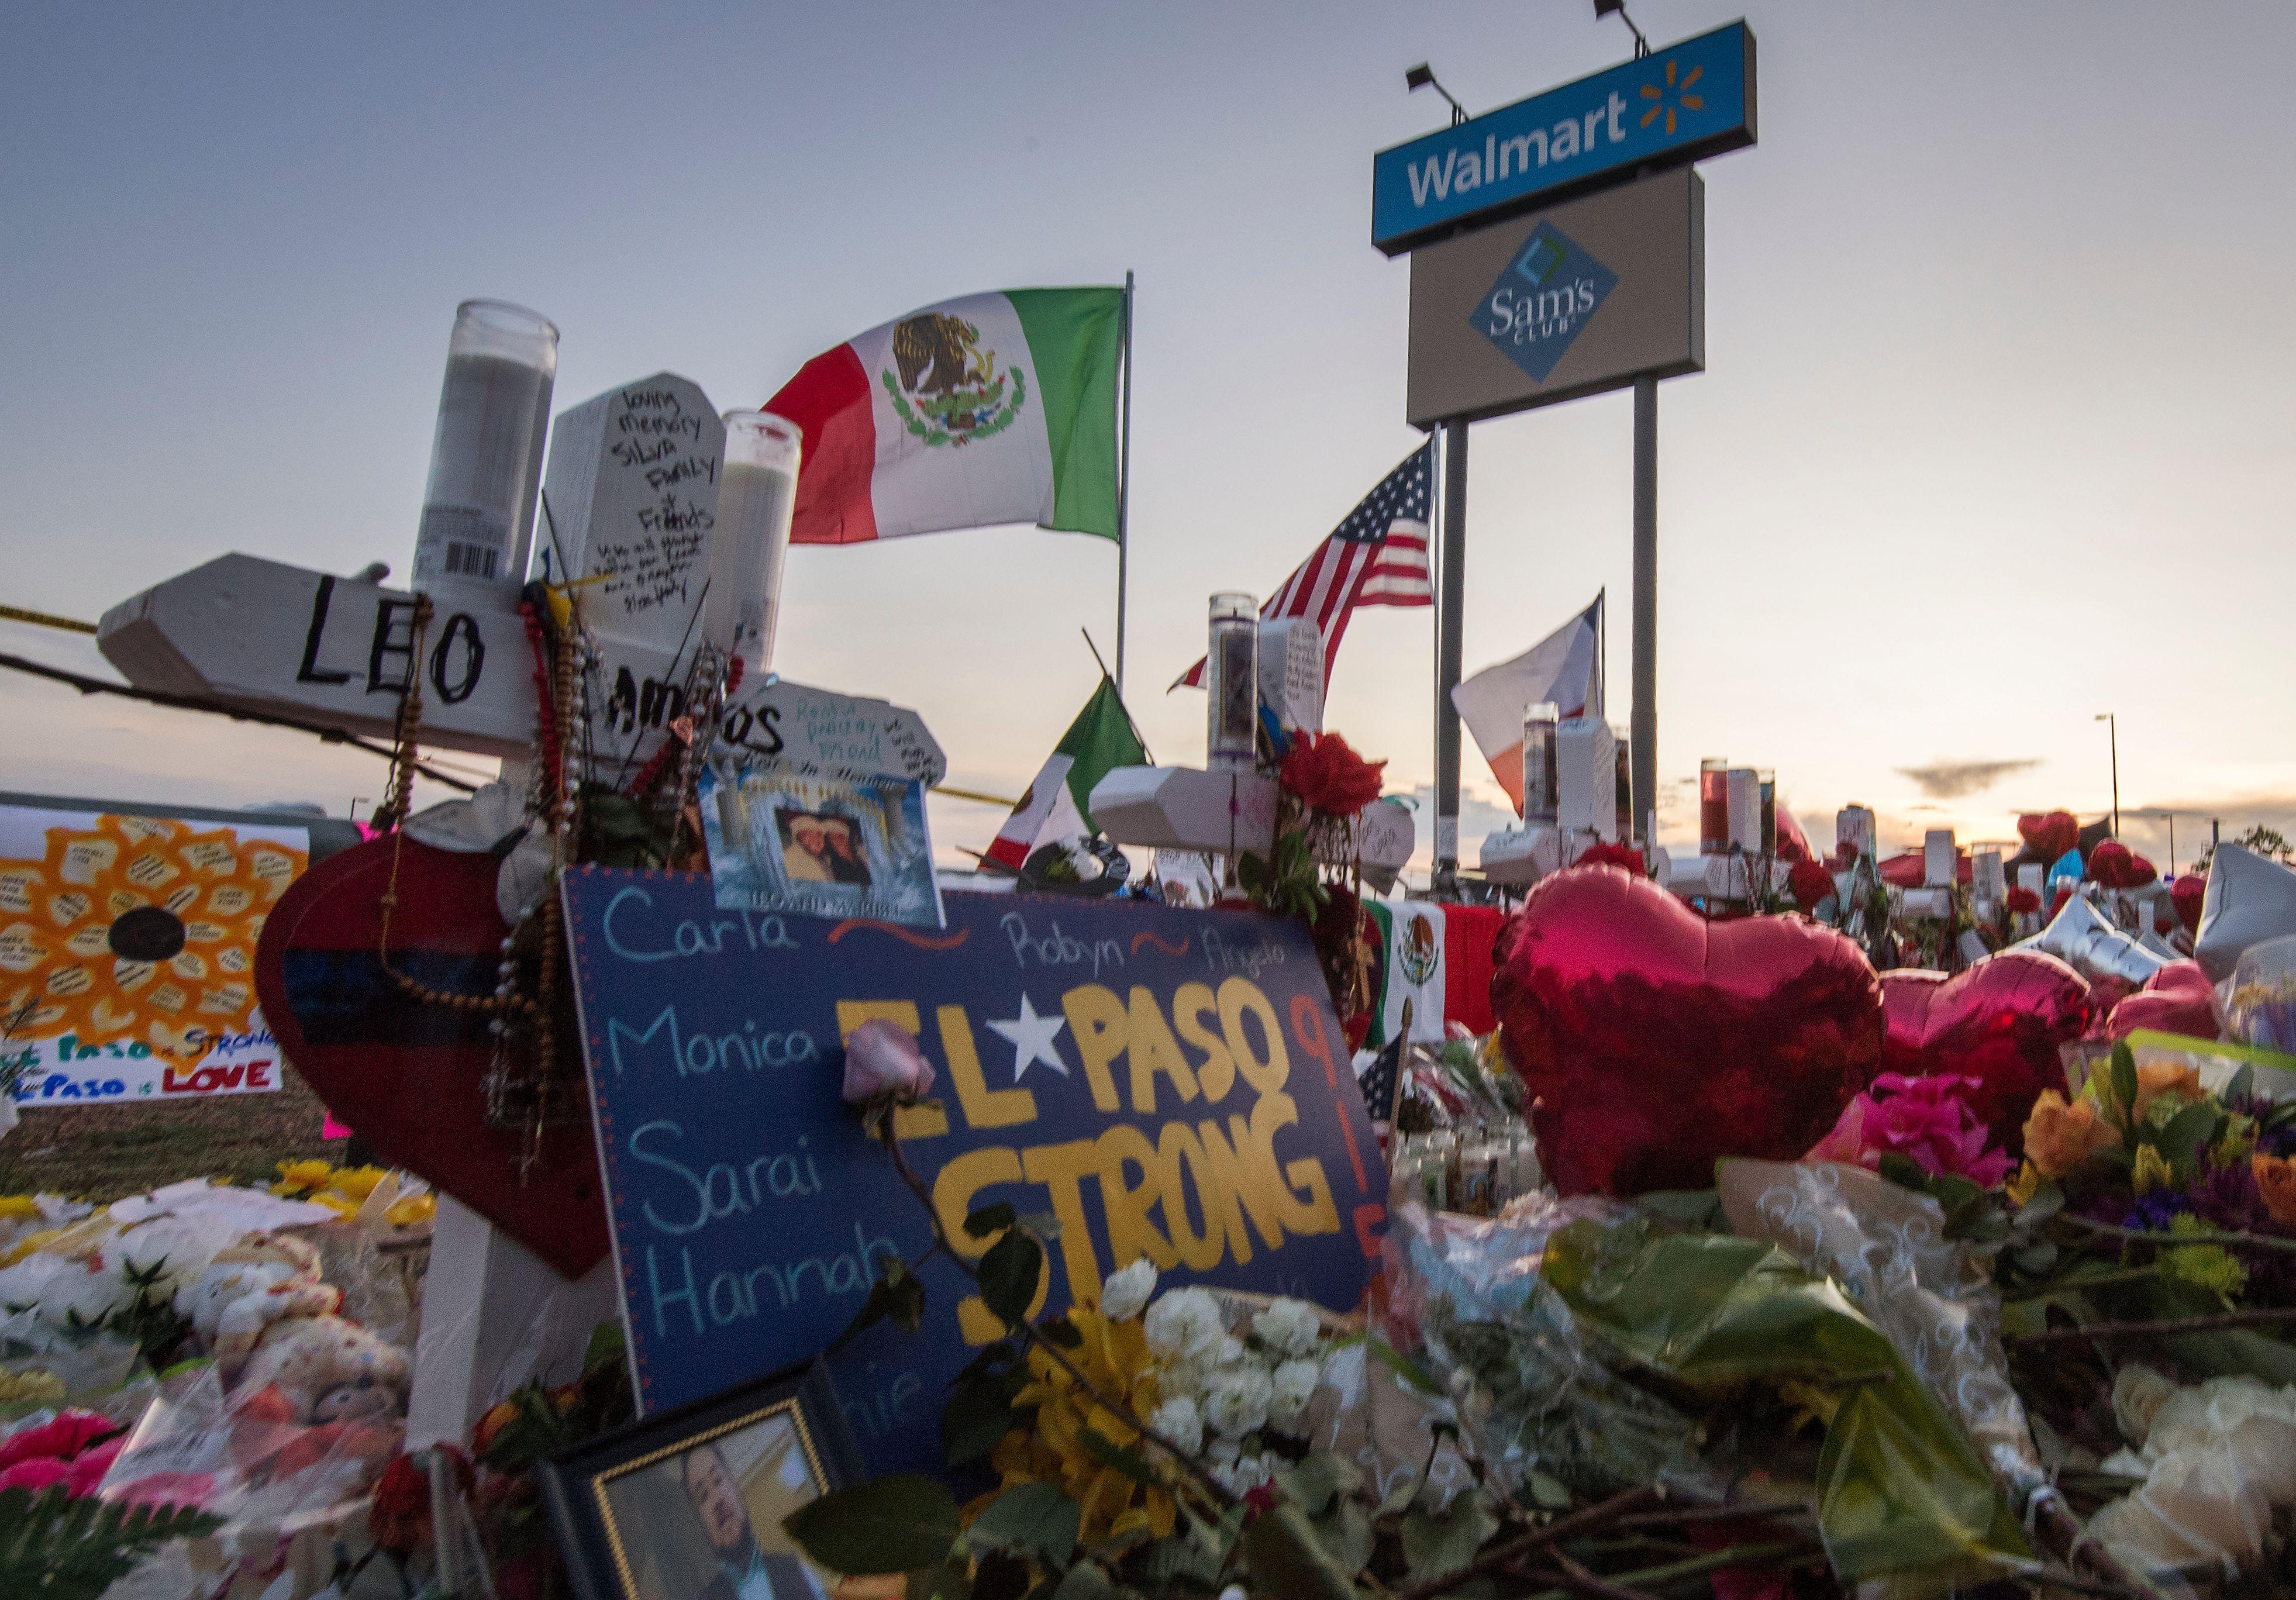 El Paso shooting, Texas, Walmart